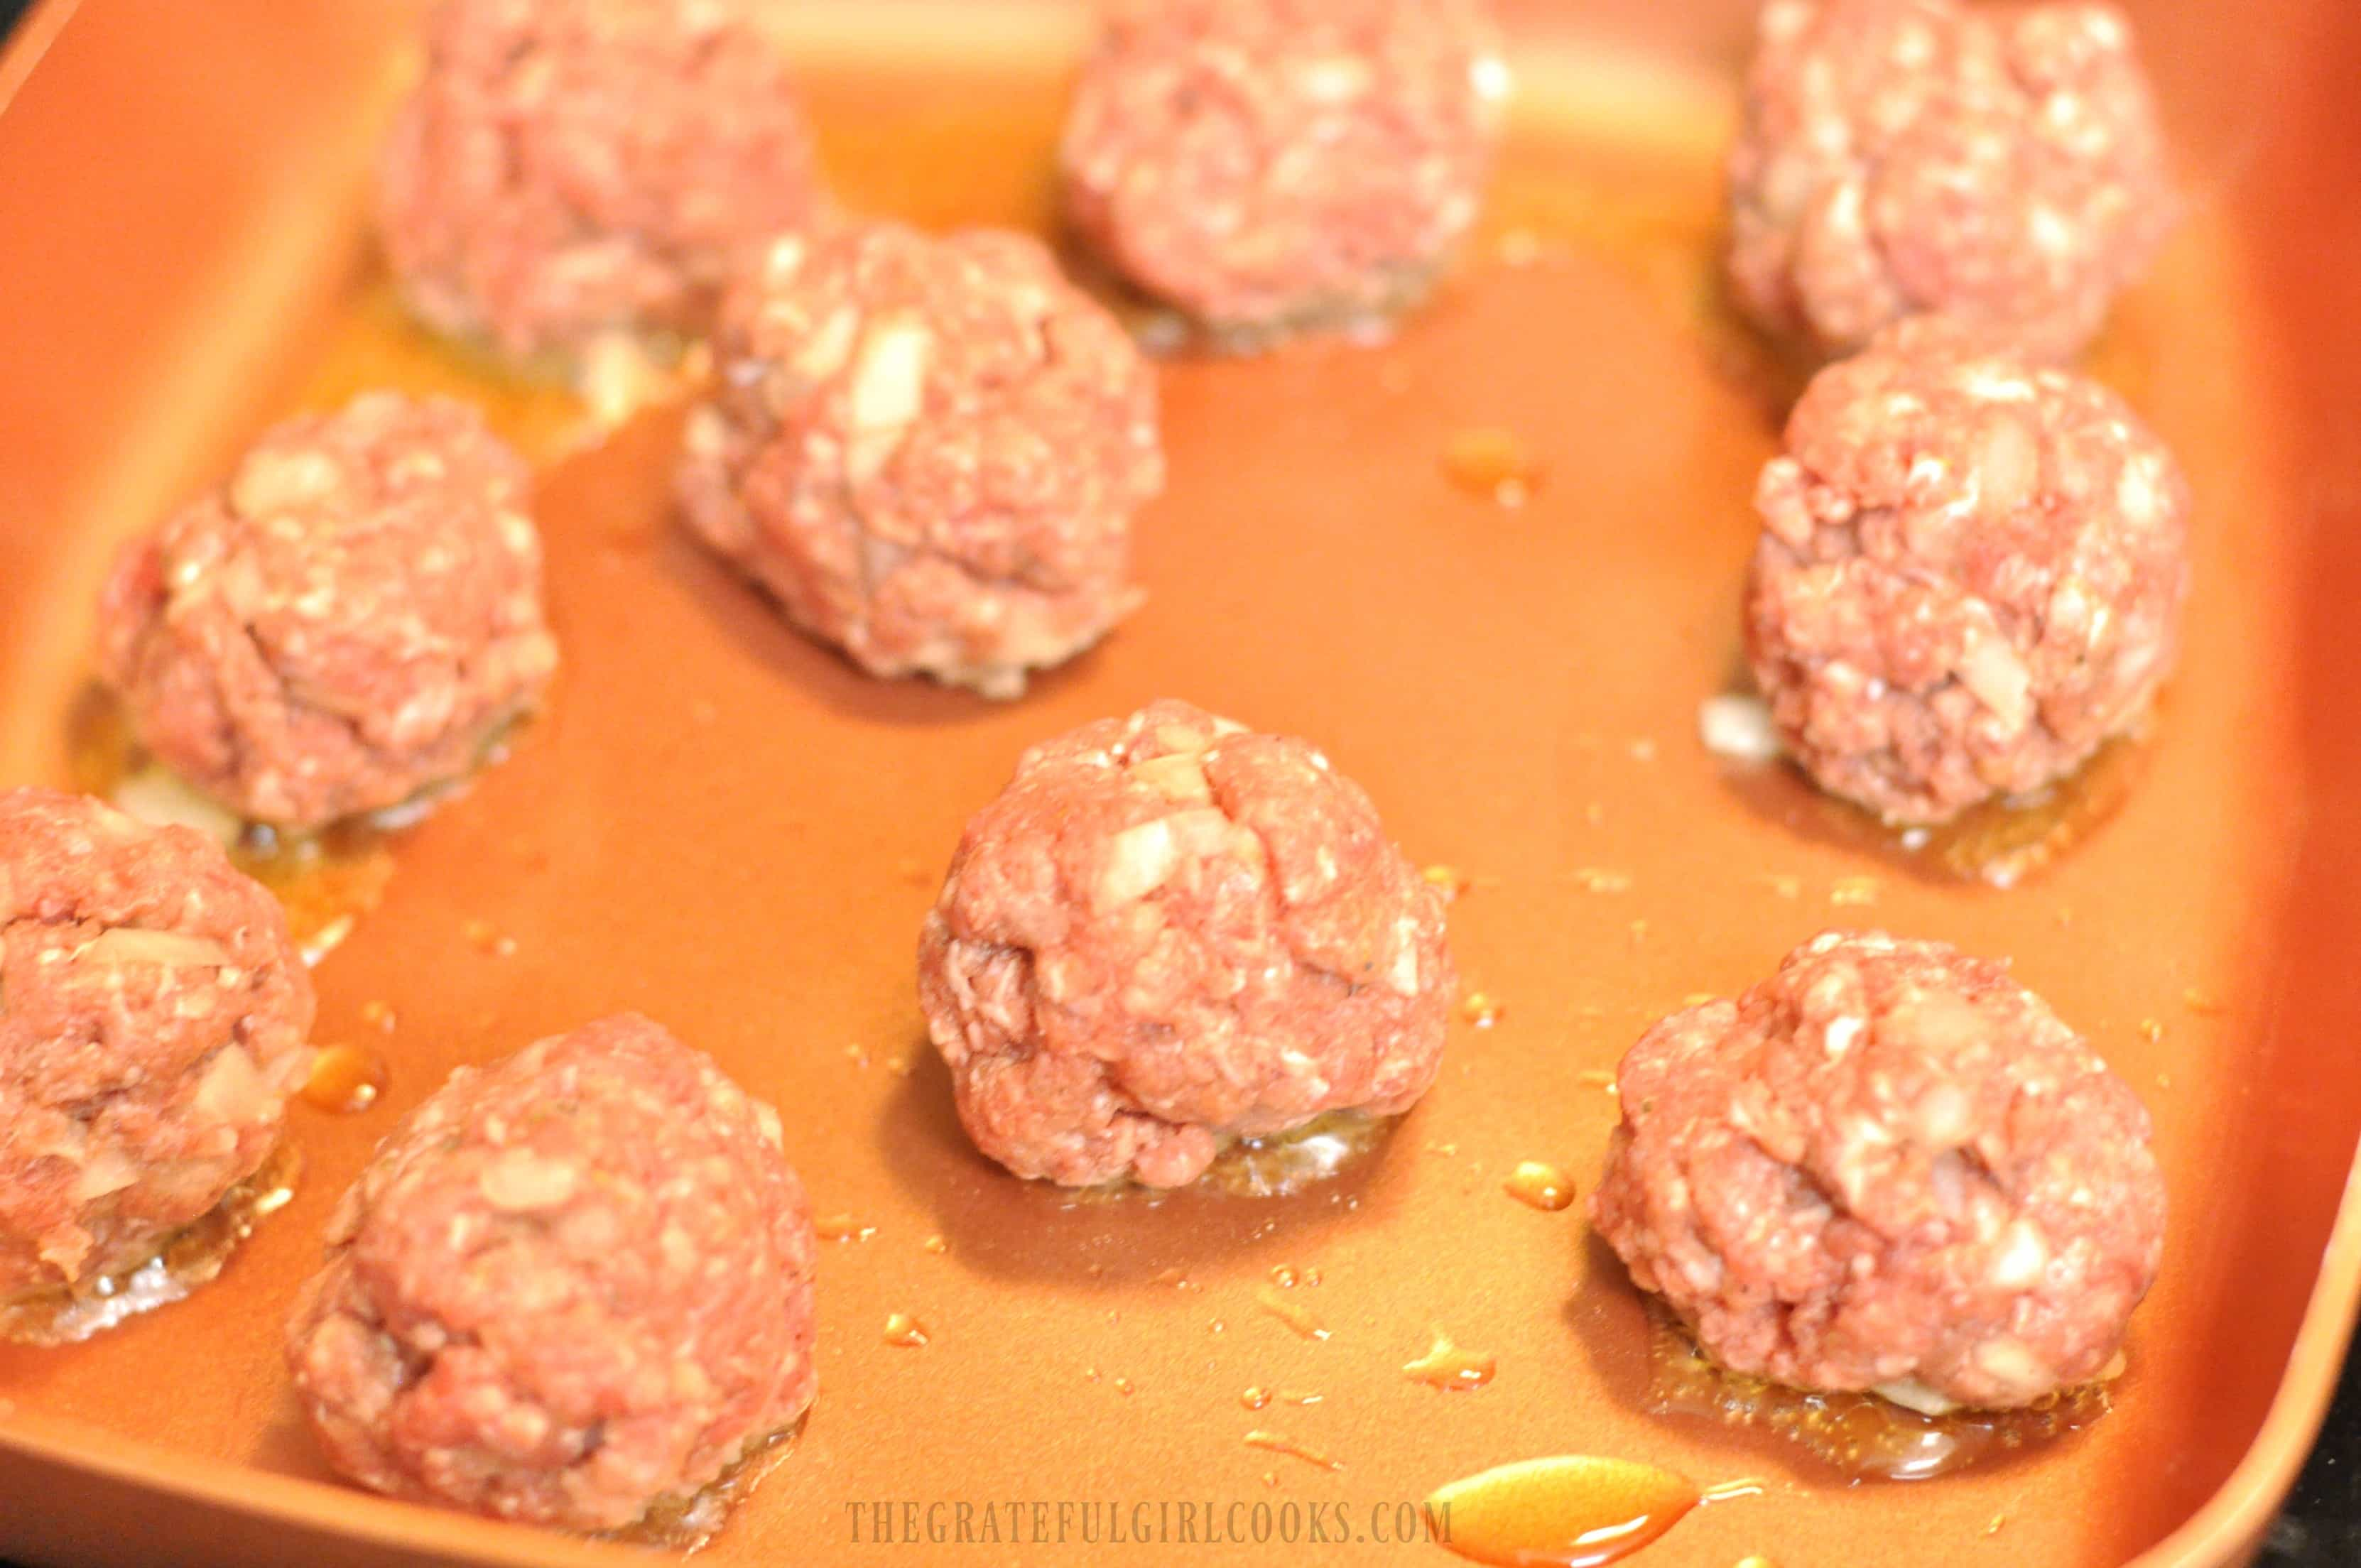 Easy Meatballs For Spaghetti / The Grateful Girl Cooks!